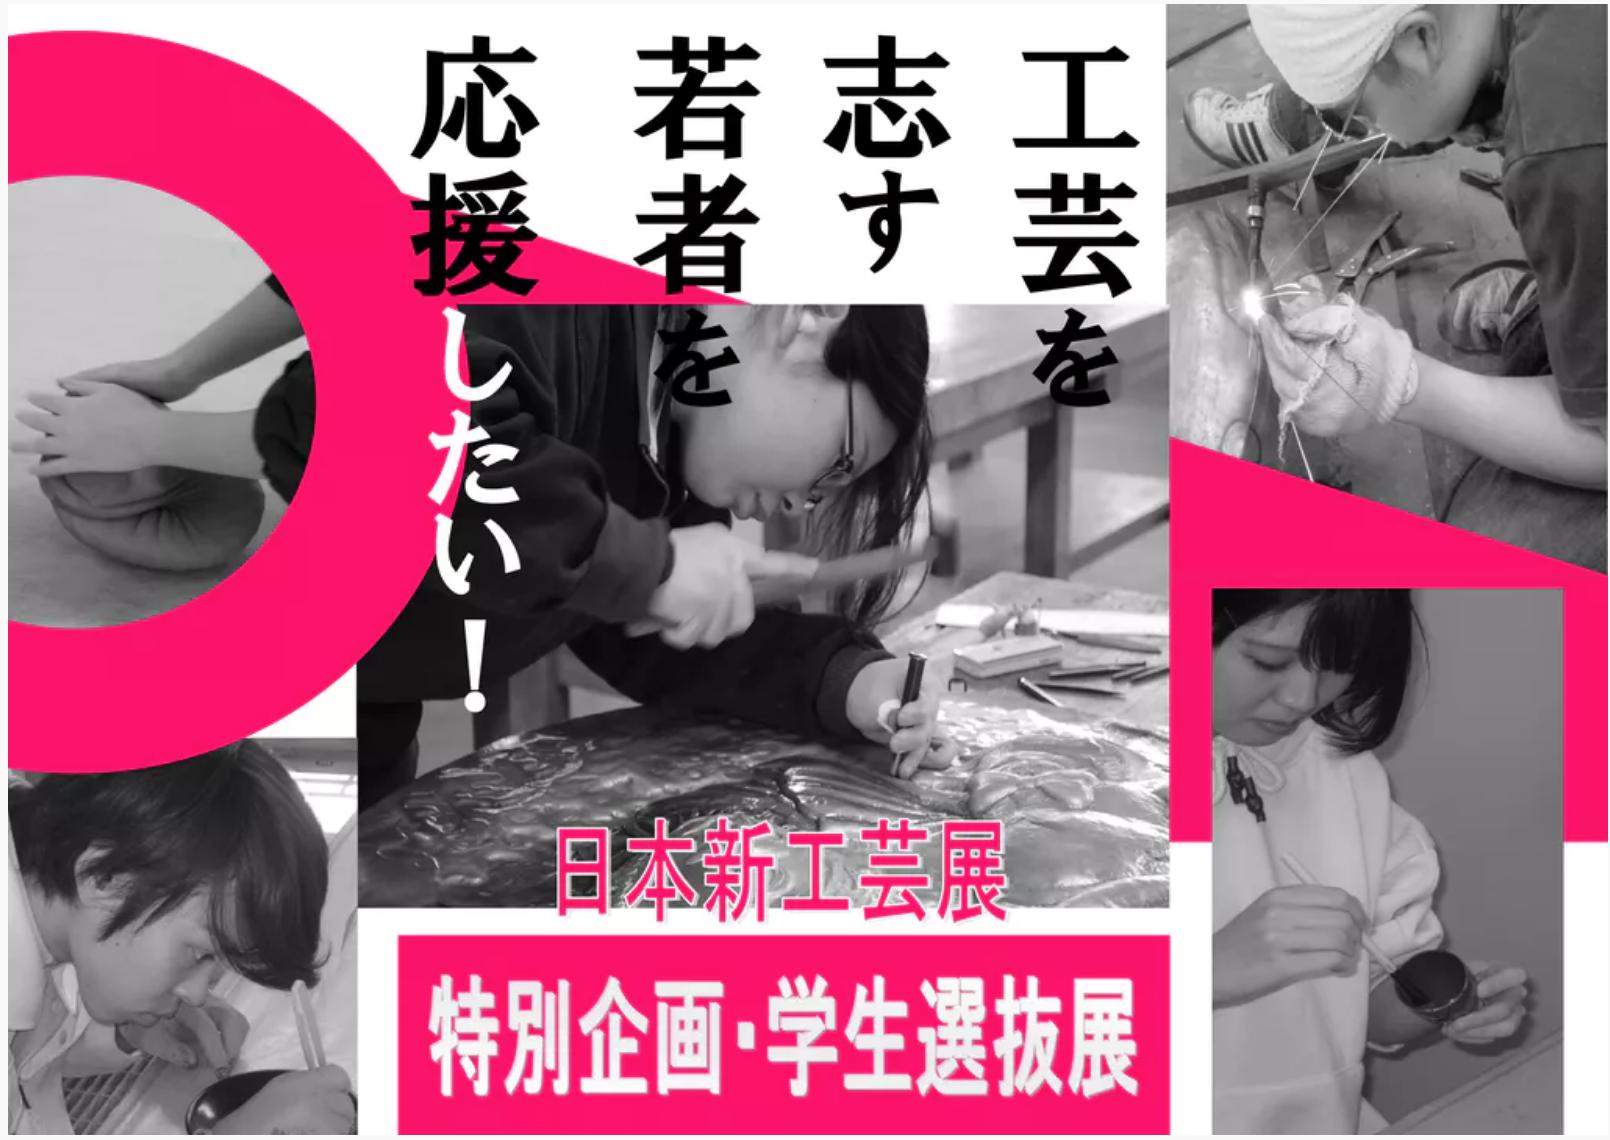 日本新工芸展 特別企画「第2回日本新工芸学生選抜展」